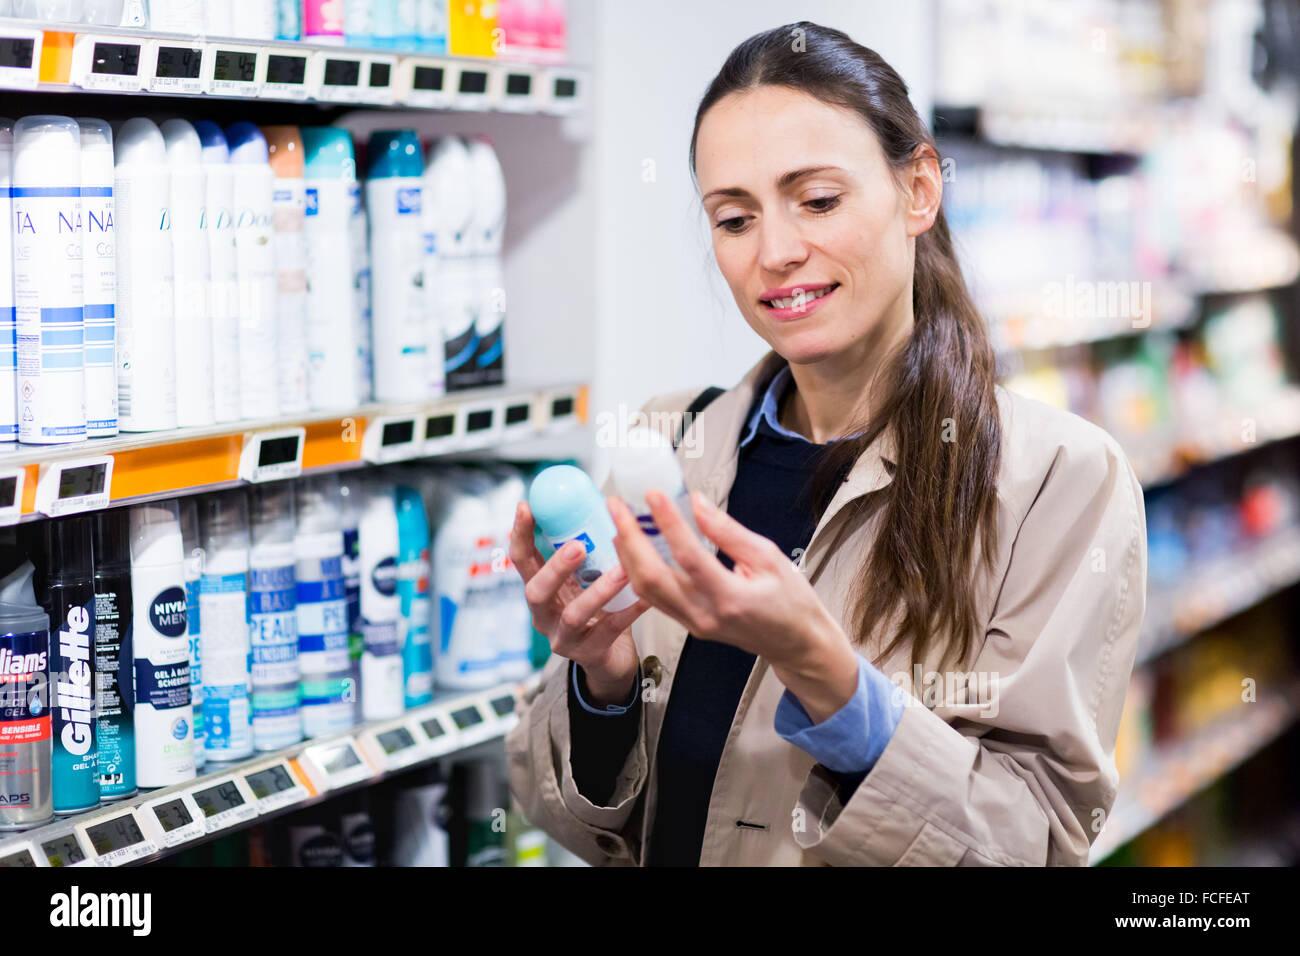 f1c8fca2f3c40e Frau in Body Care-Bereich im Supermarkt einkaufen Stockfoto